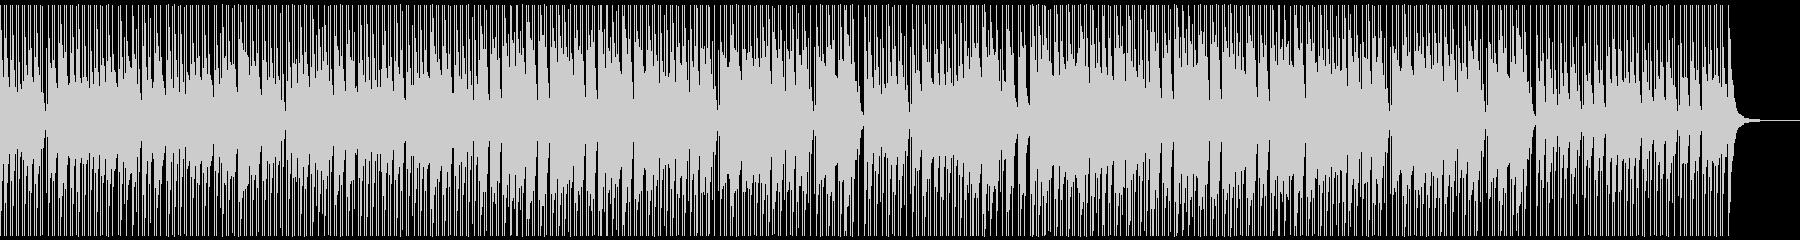 ノリ良い音頭の和風曲/ゲーム映像/M17の未再生の波形